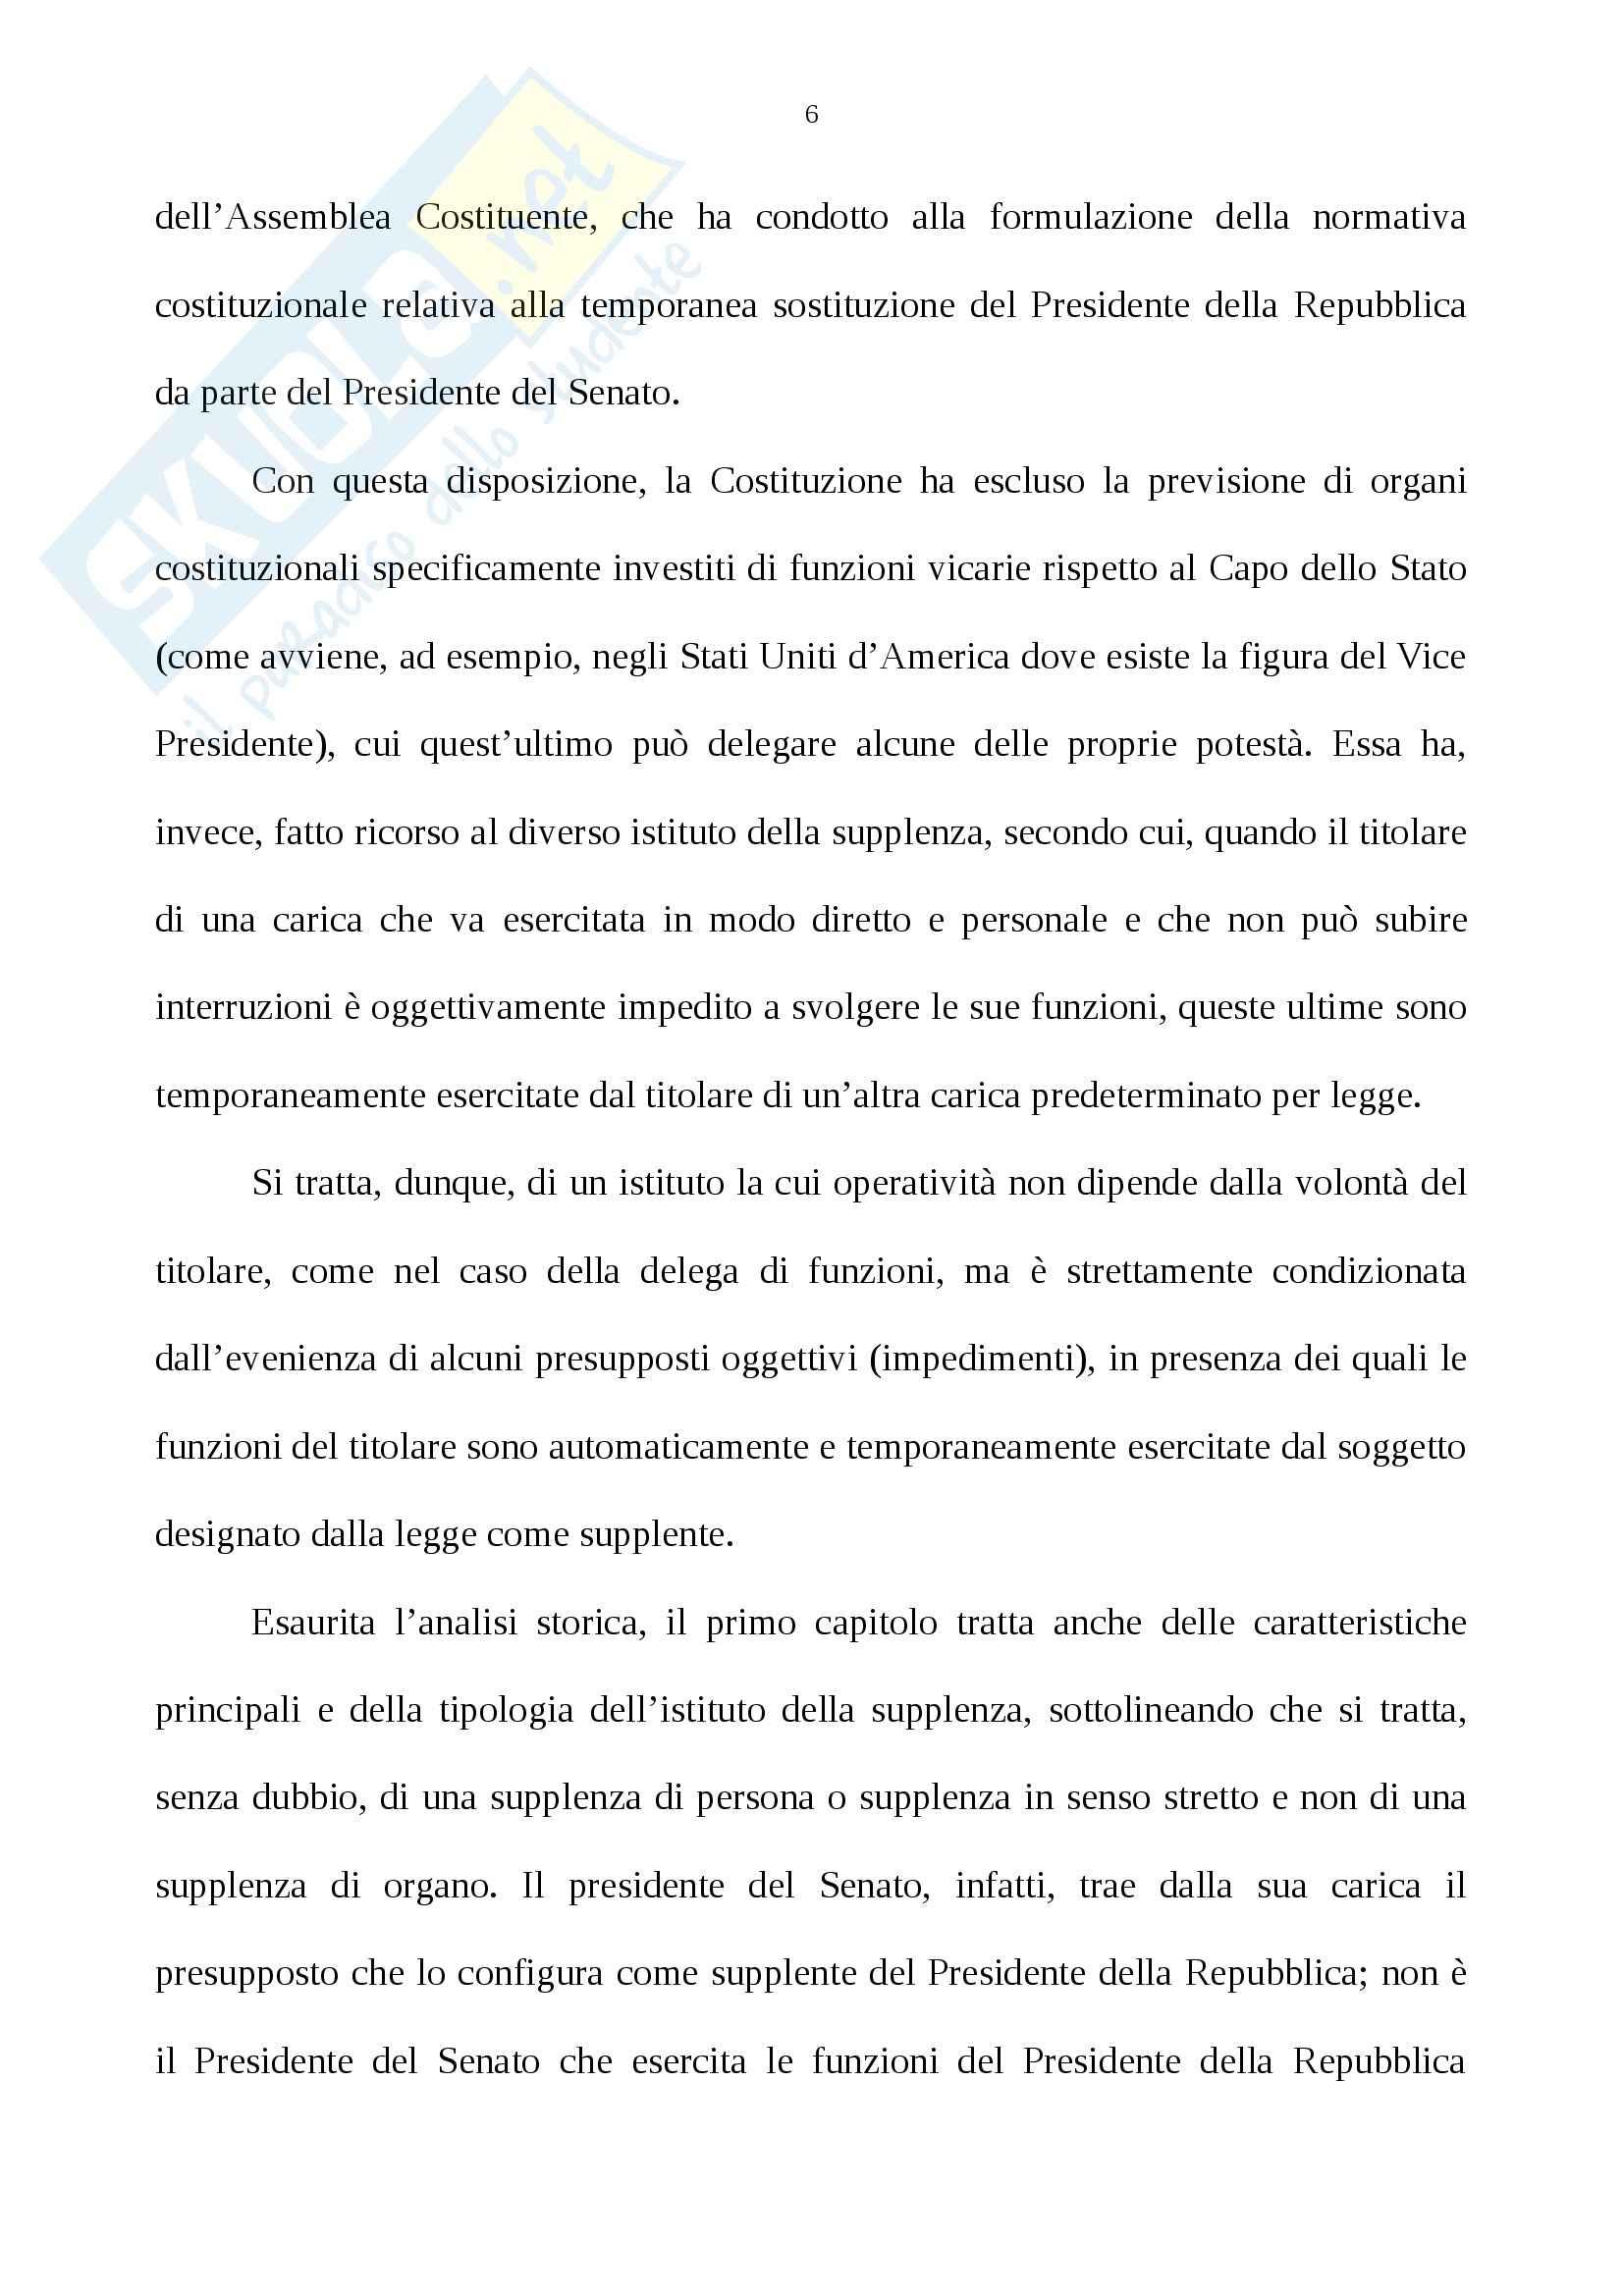 Tesi, La supplenza del Presidente della Repubblica Nell'ordinamento costituzionale italiano Pag. 6